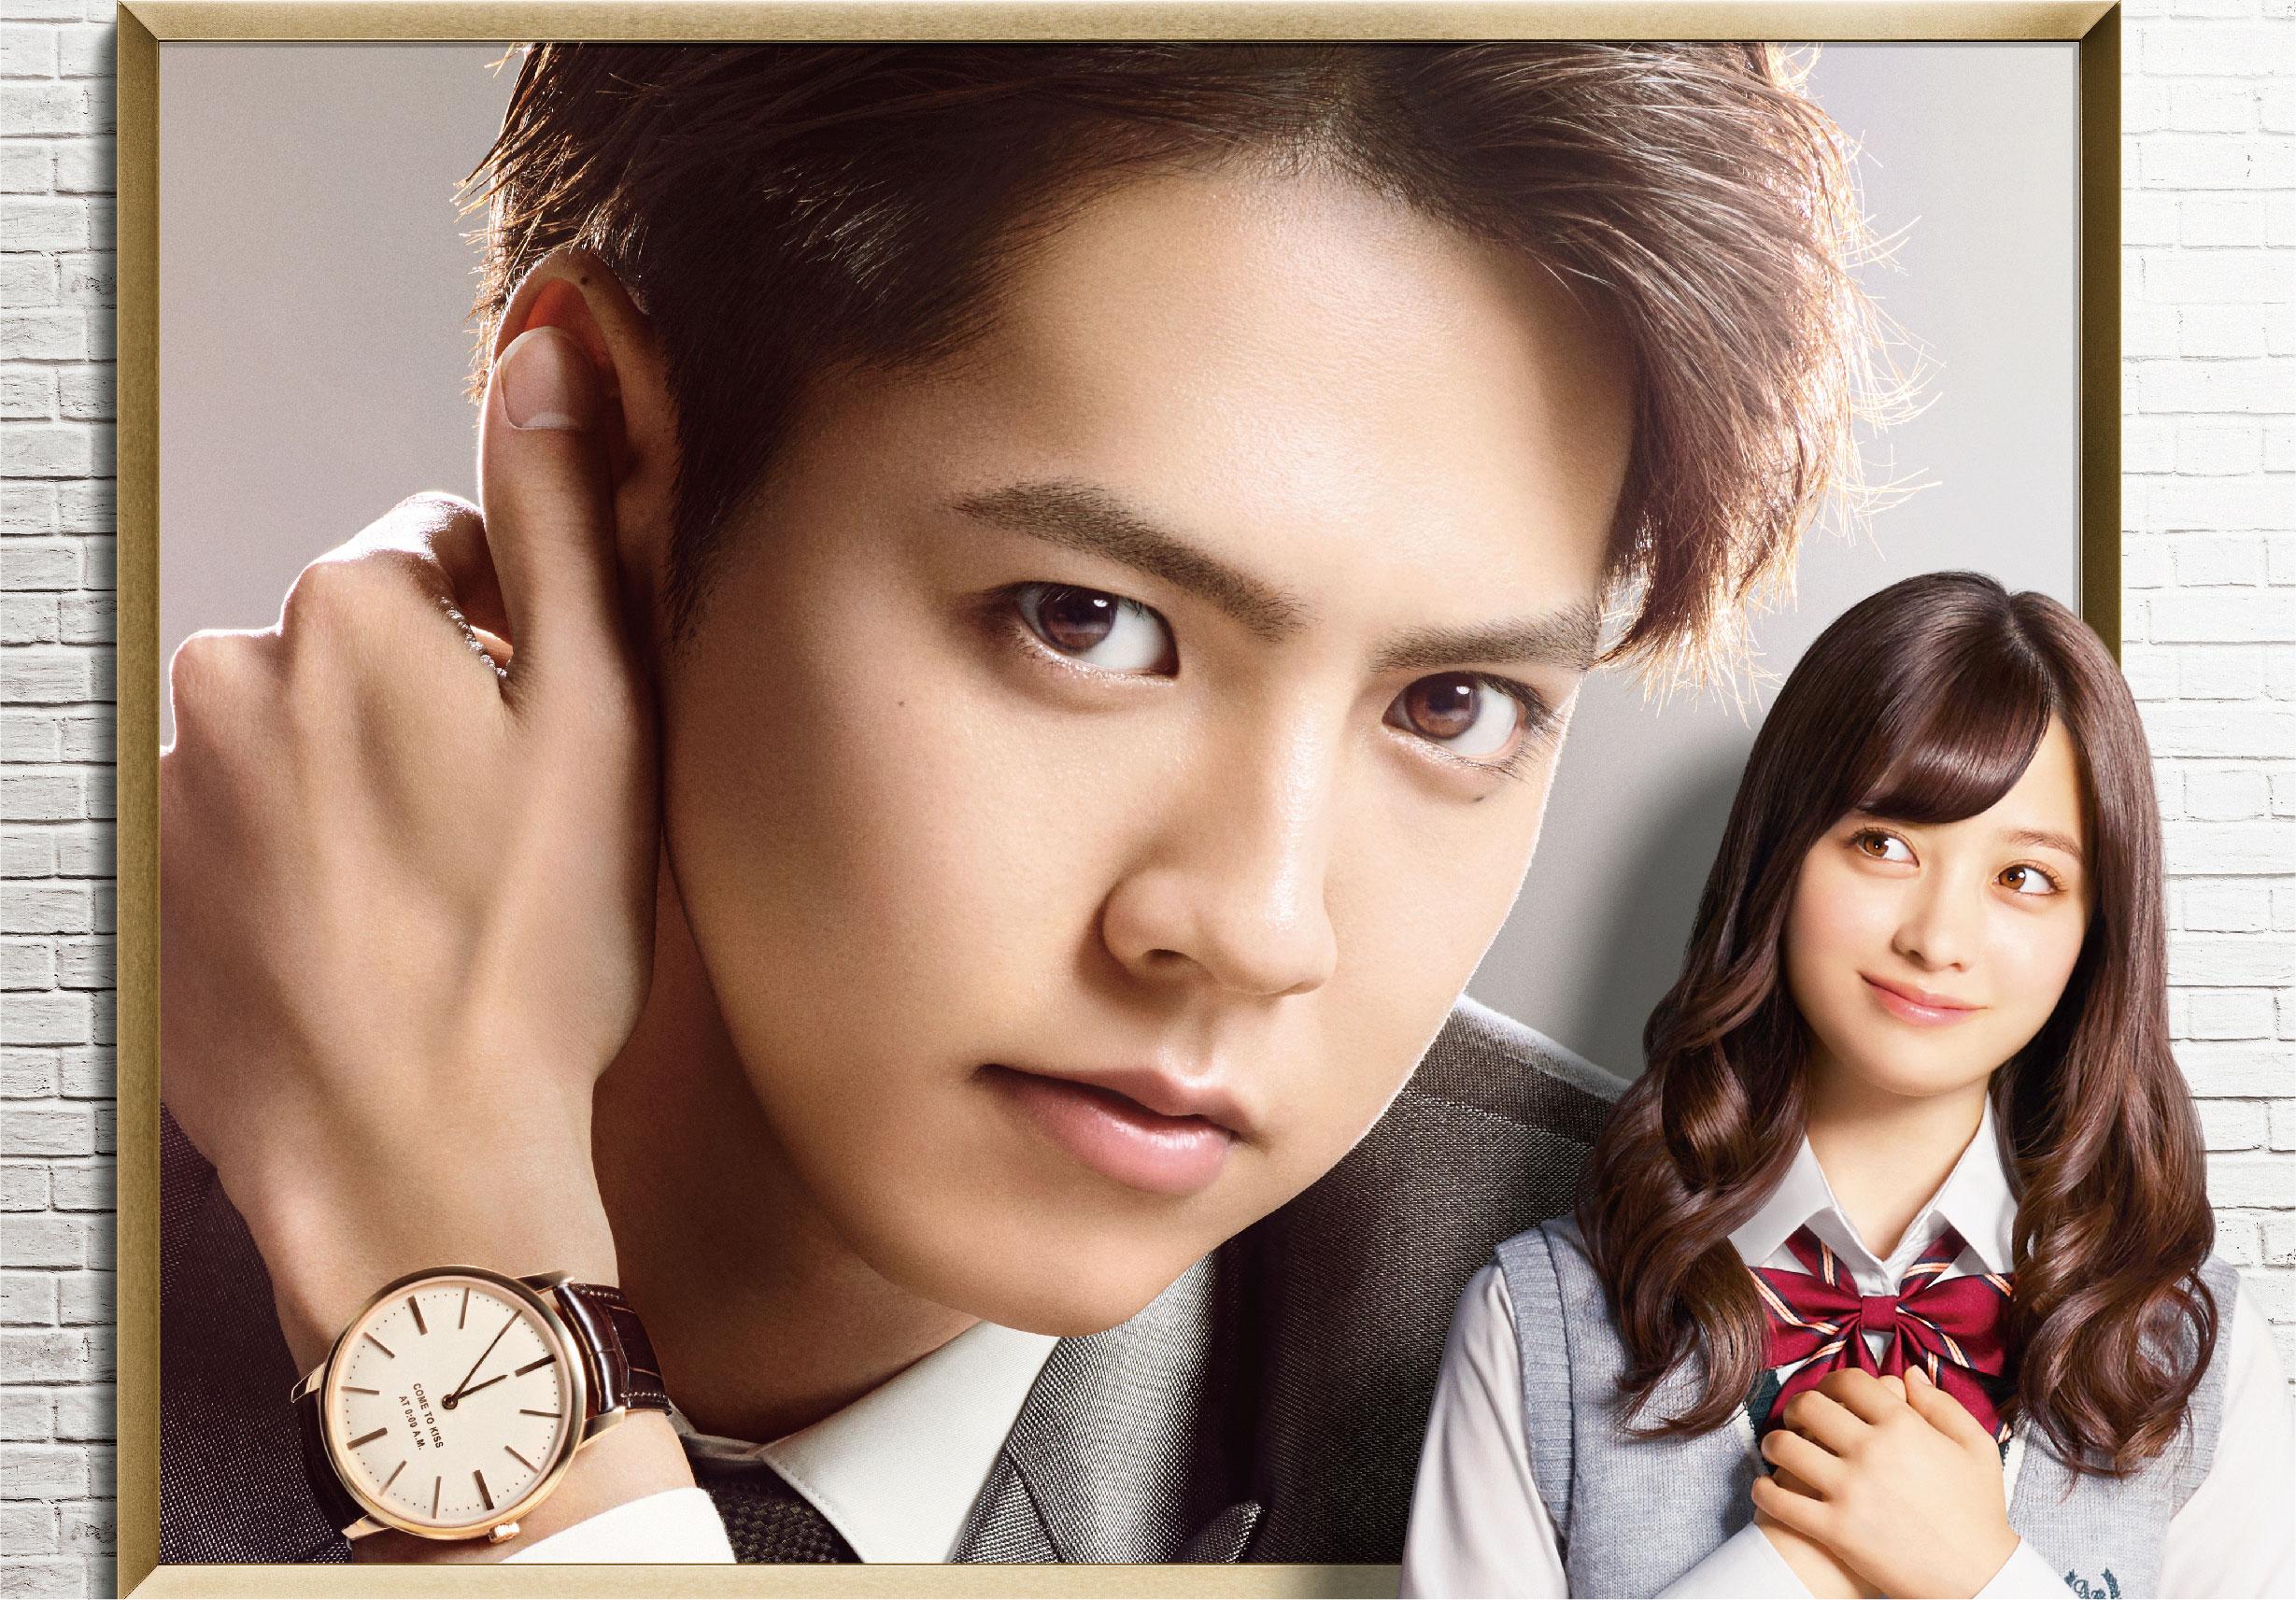 橋本環奈と片寄涼太が描く国民的スーパースターと女子高生の秘密の恋愛がはじまる!